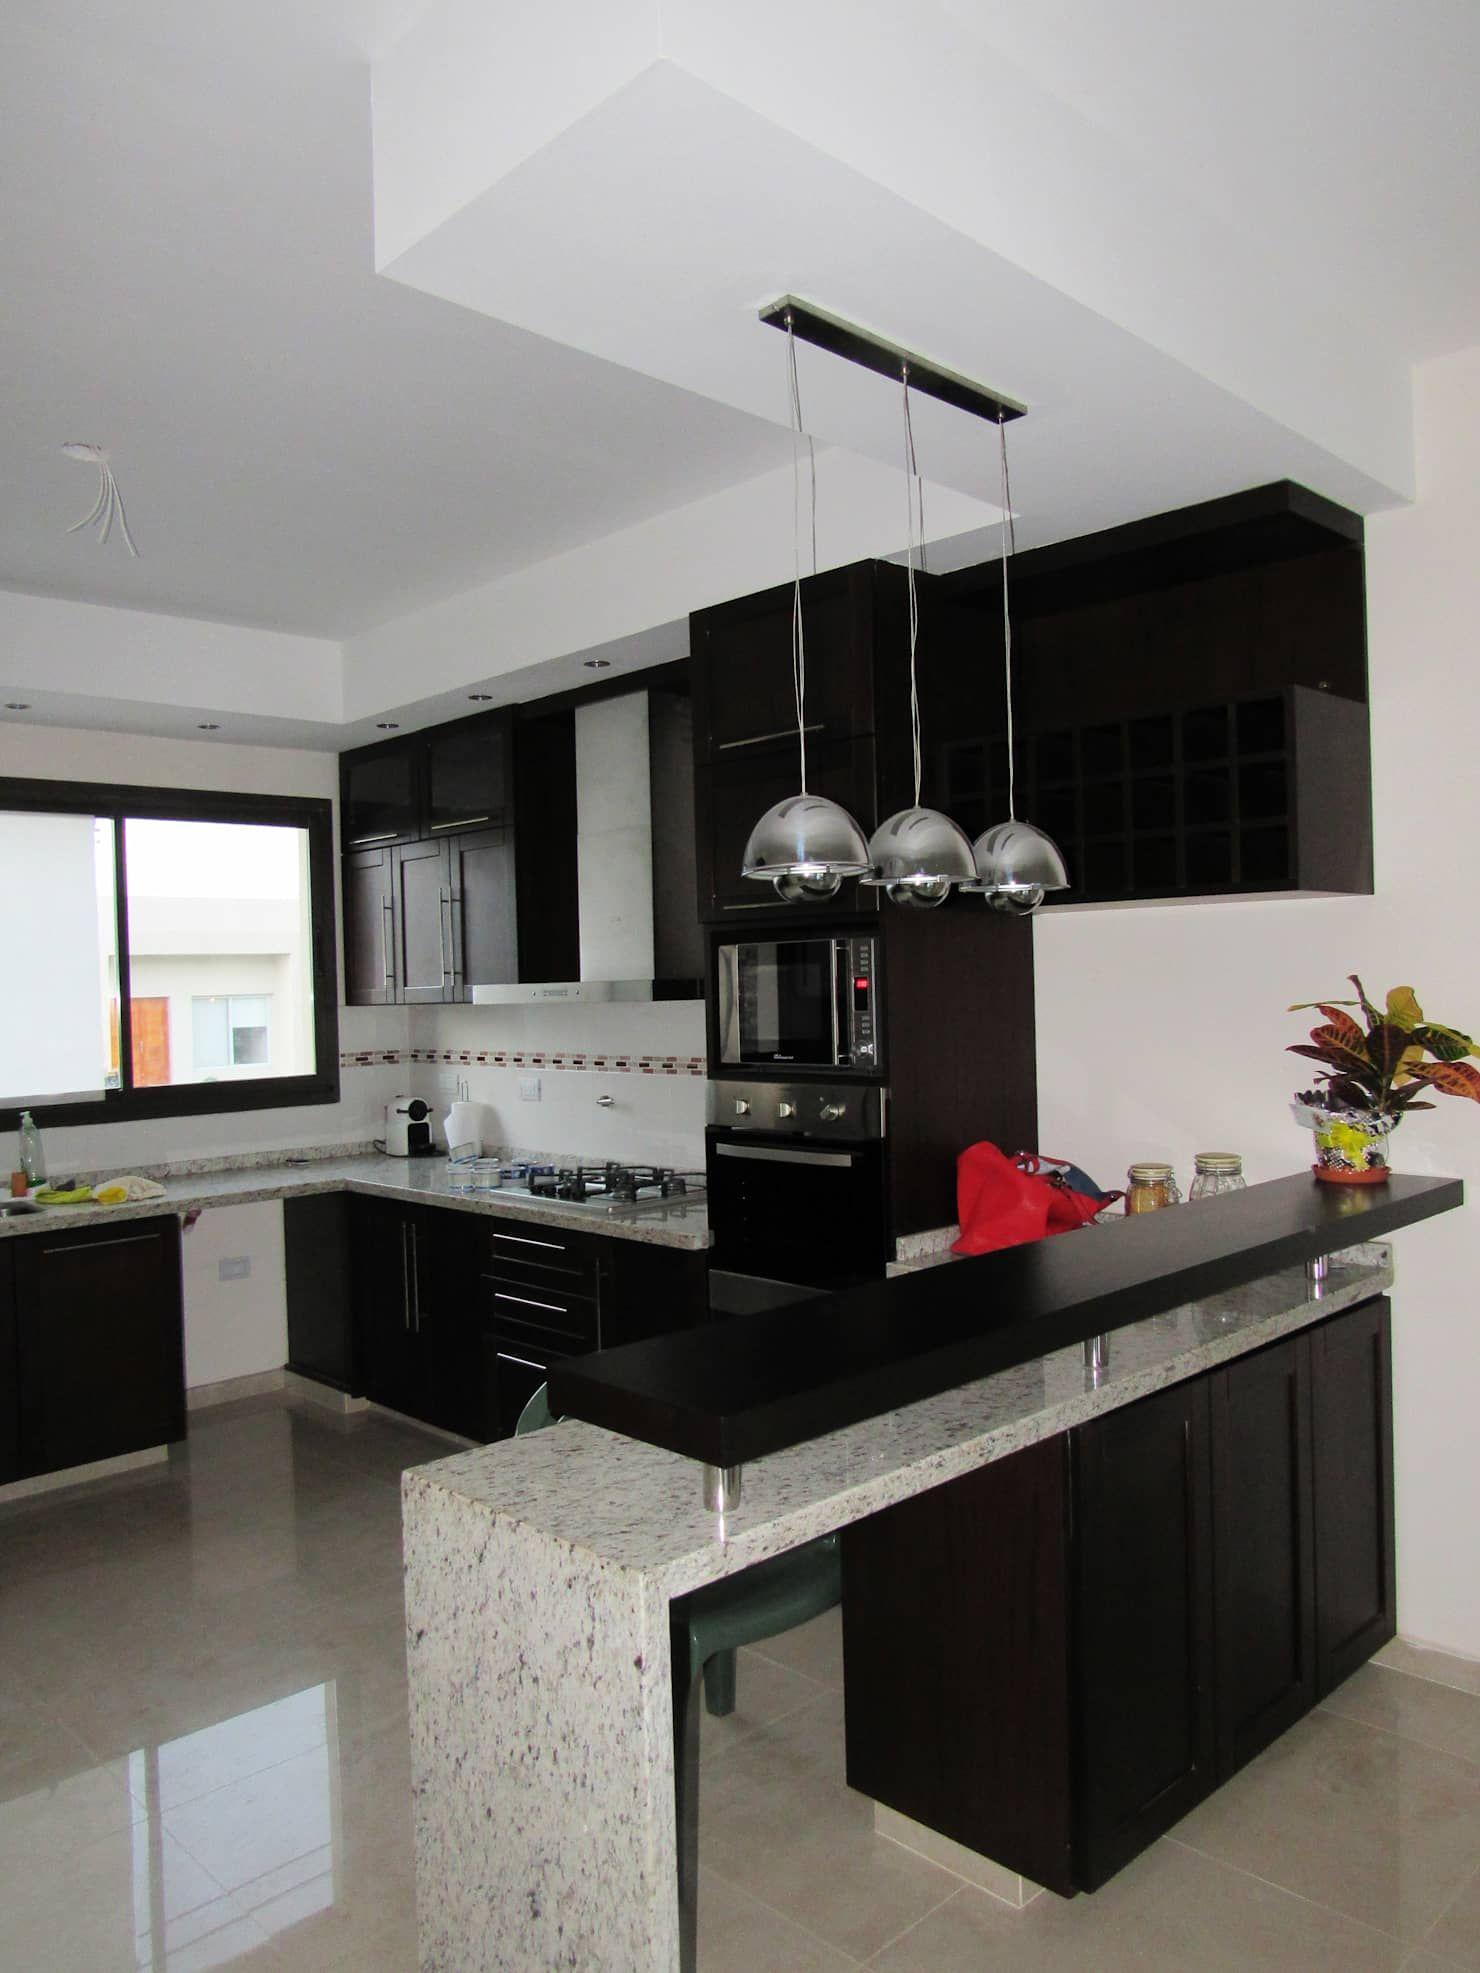 Vivienda Eg De Bvs Gn Arquitectura Moderno Homify Cocinas De Casas Pequenas Decoracion De Cocina Decoracion De Cocina Moderna